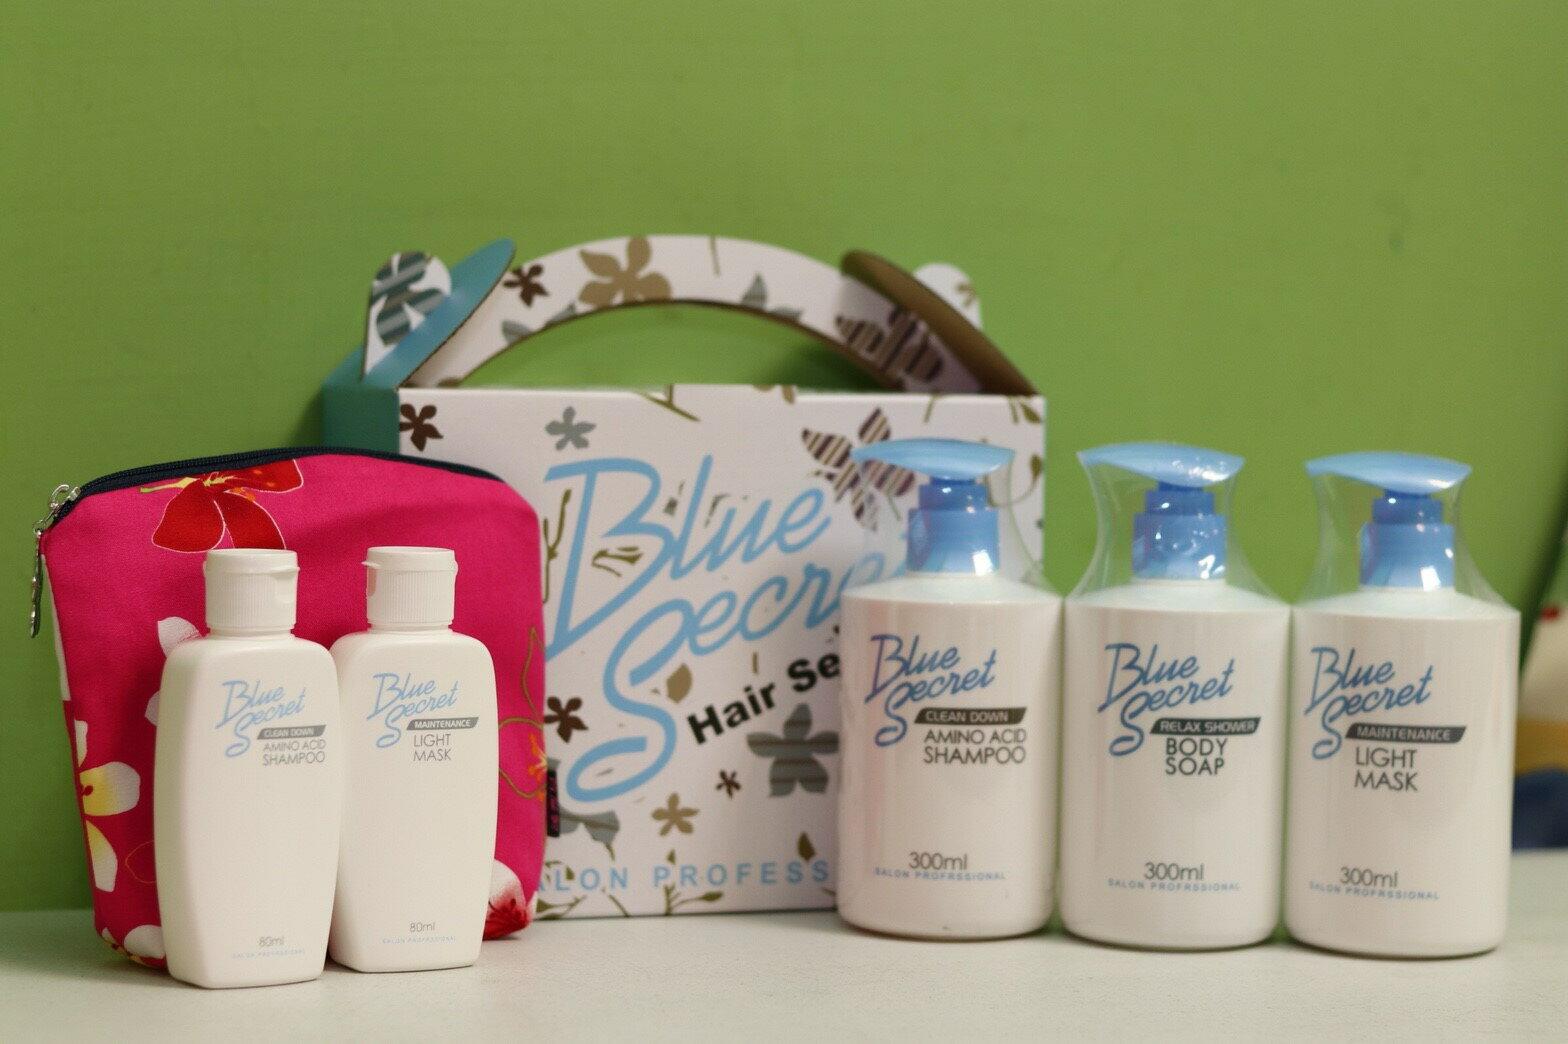 《禮盒五盒下標區》★促銷優惠組 專業沙龍級美髮品 青密藍塔羅Blue Secret